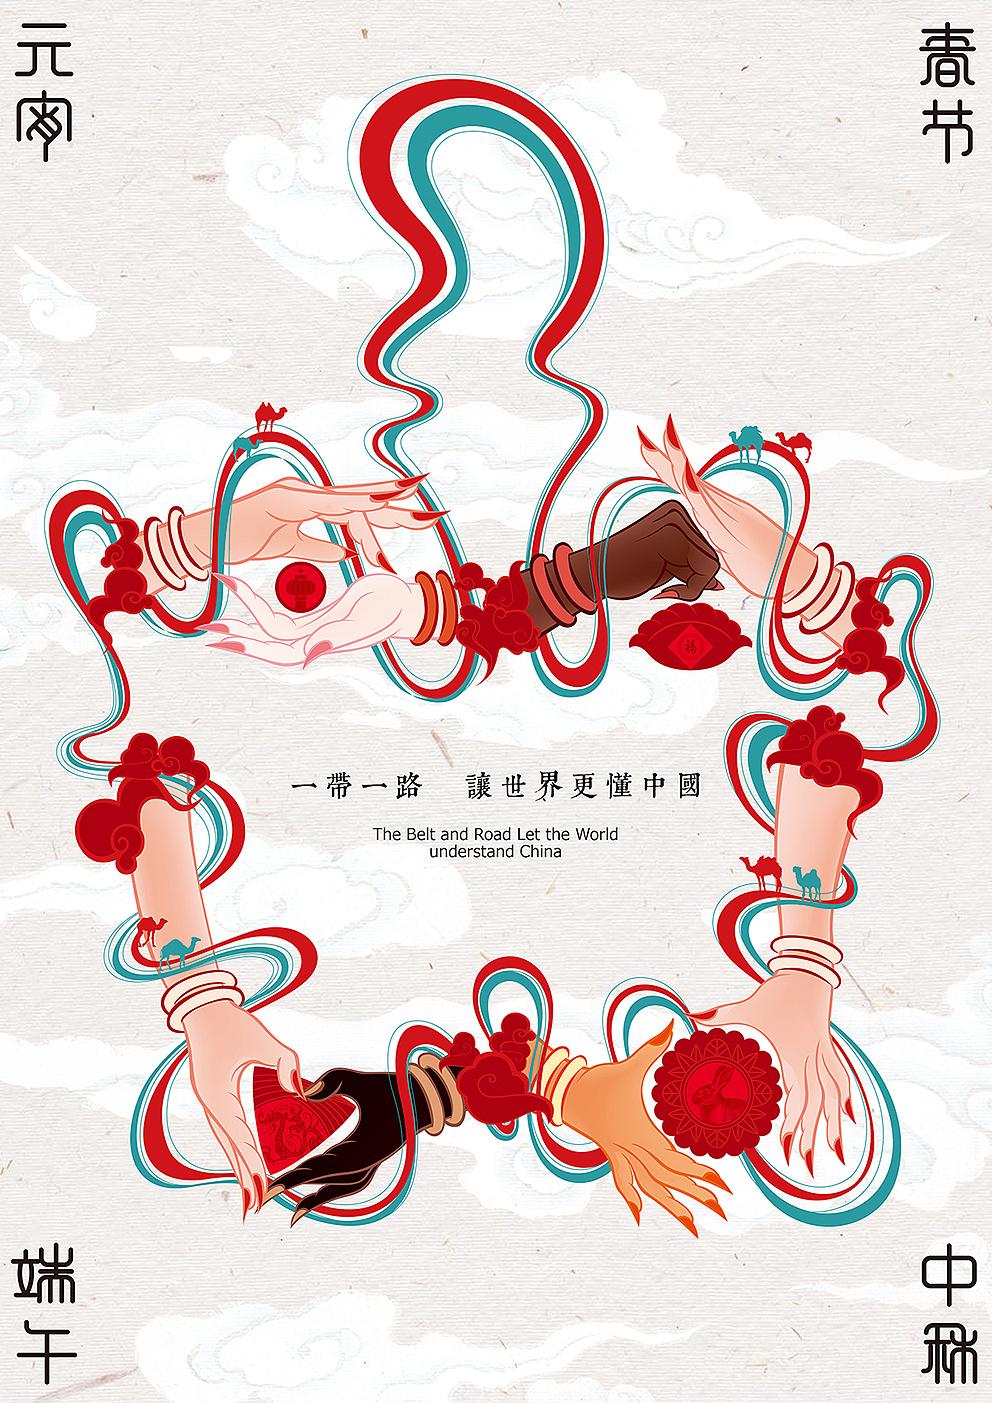 一带一路 让世界更懂中国|平面|海报|大飞小漫 - 原创图片